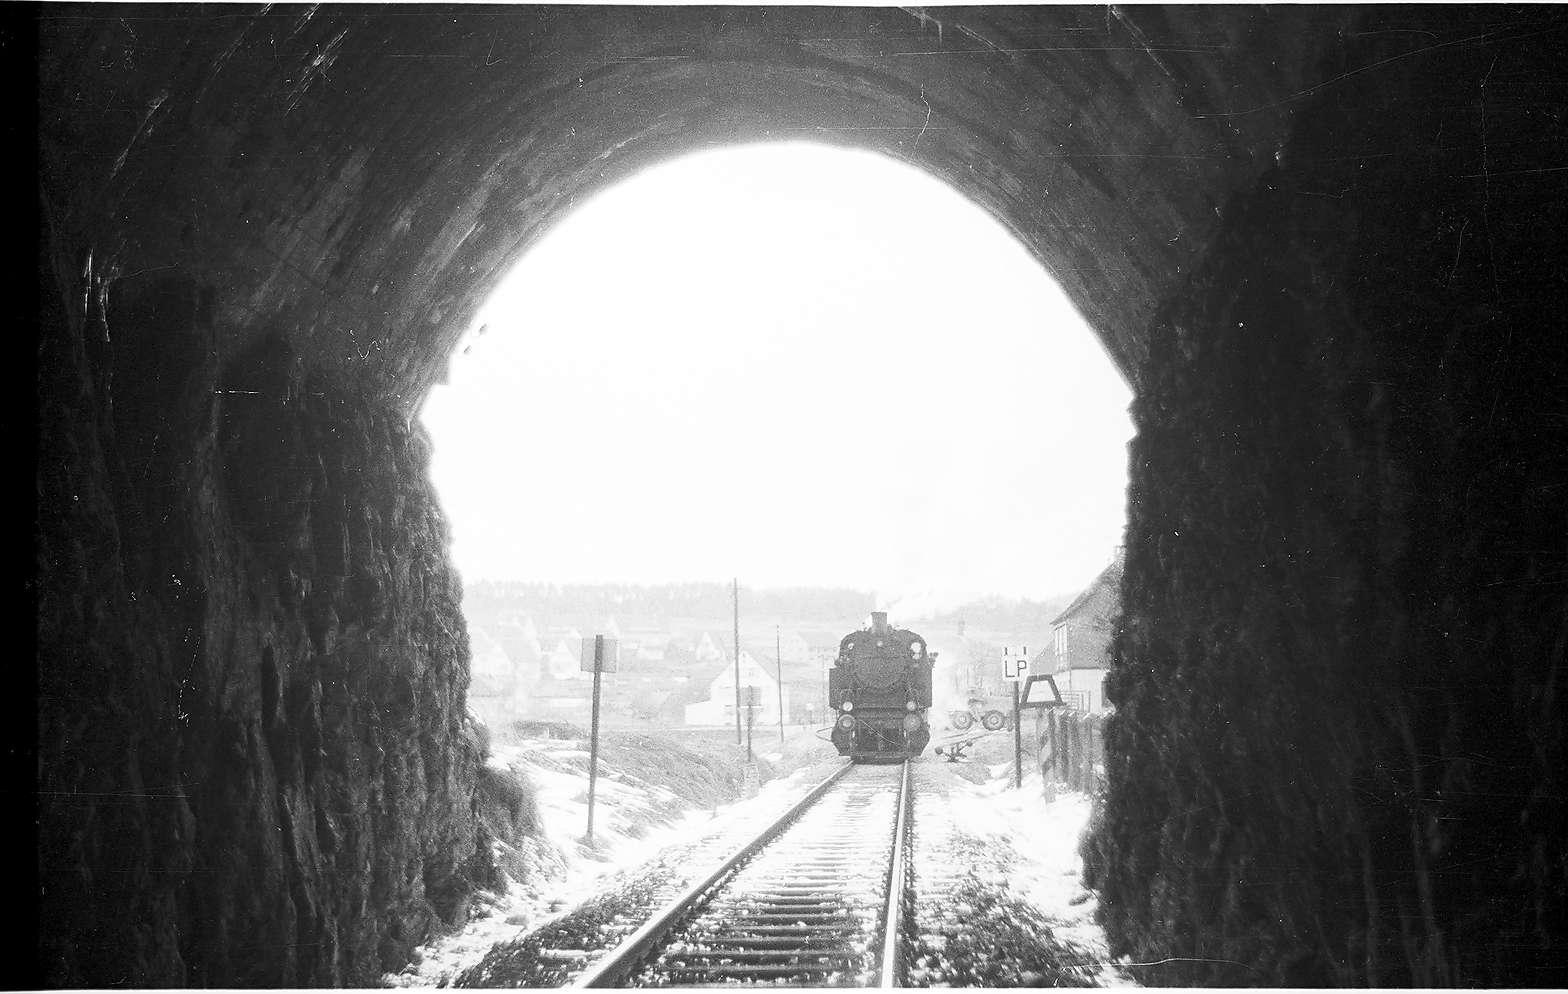 Veringenstadt, Tunnel, Lok 15, Bahnhof seit 2002 unbesetzt, NALDO-Verkehrsverbund, Rückfallweichen seit 1985, Bild 1